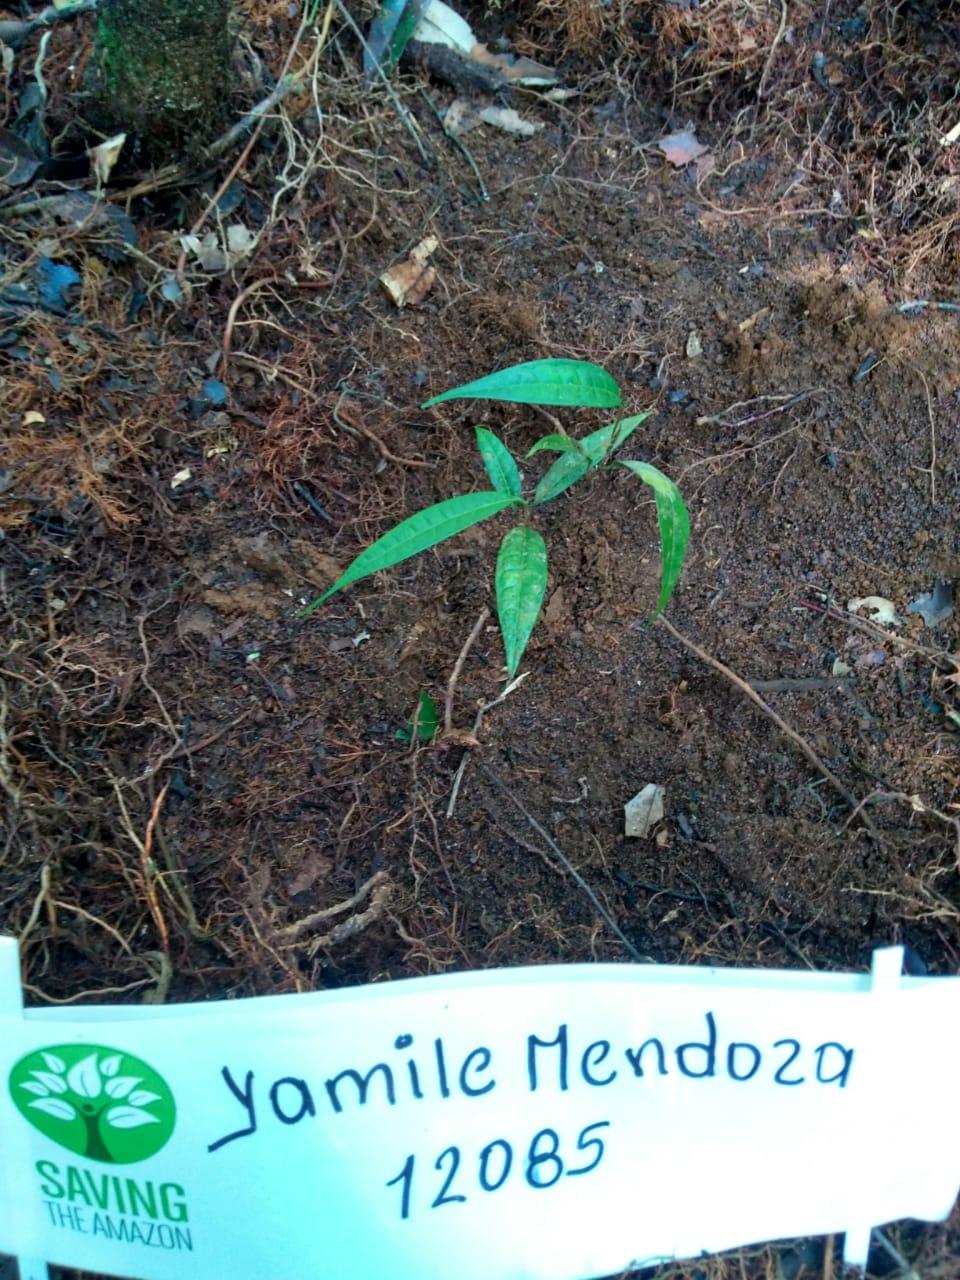 Yamile Mendoza